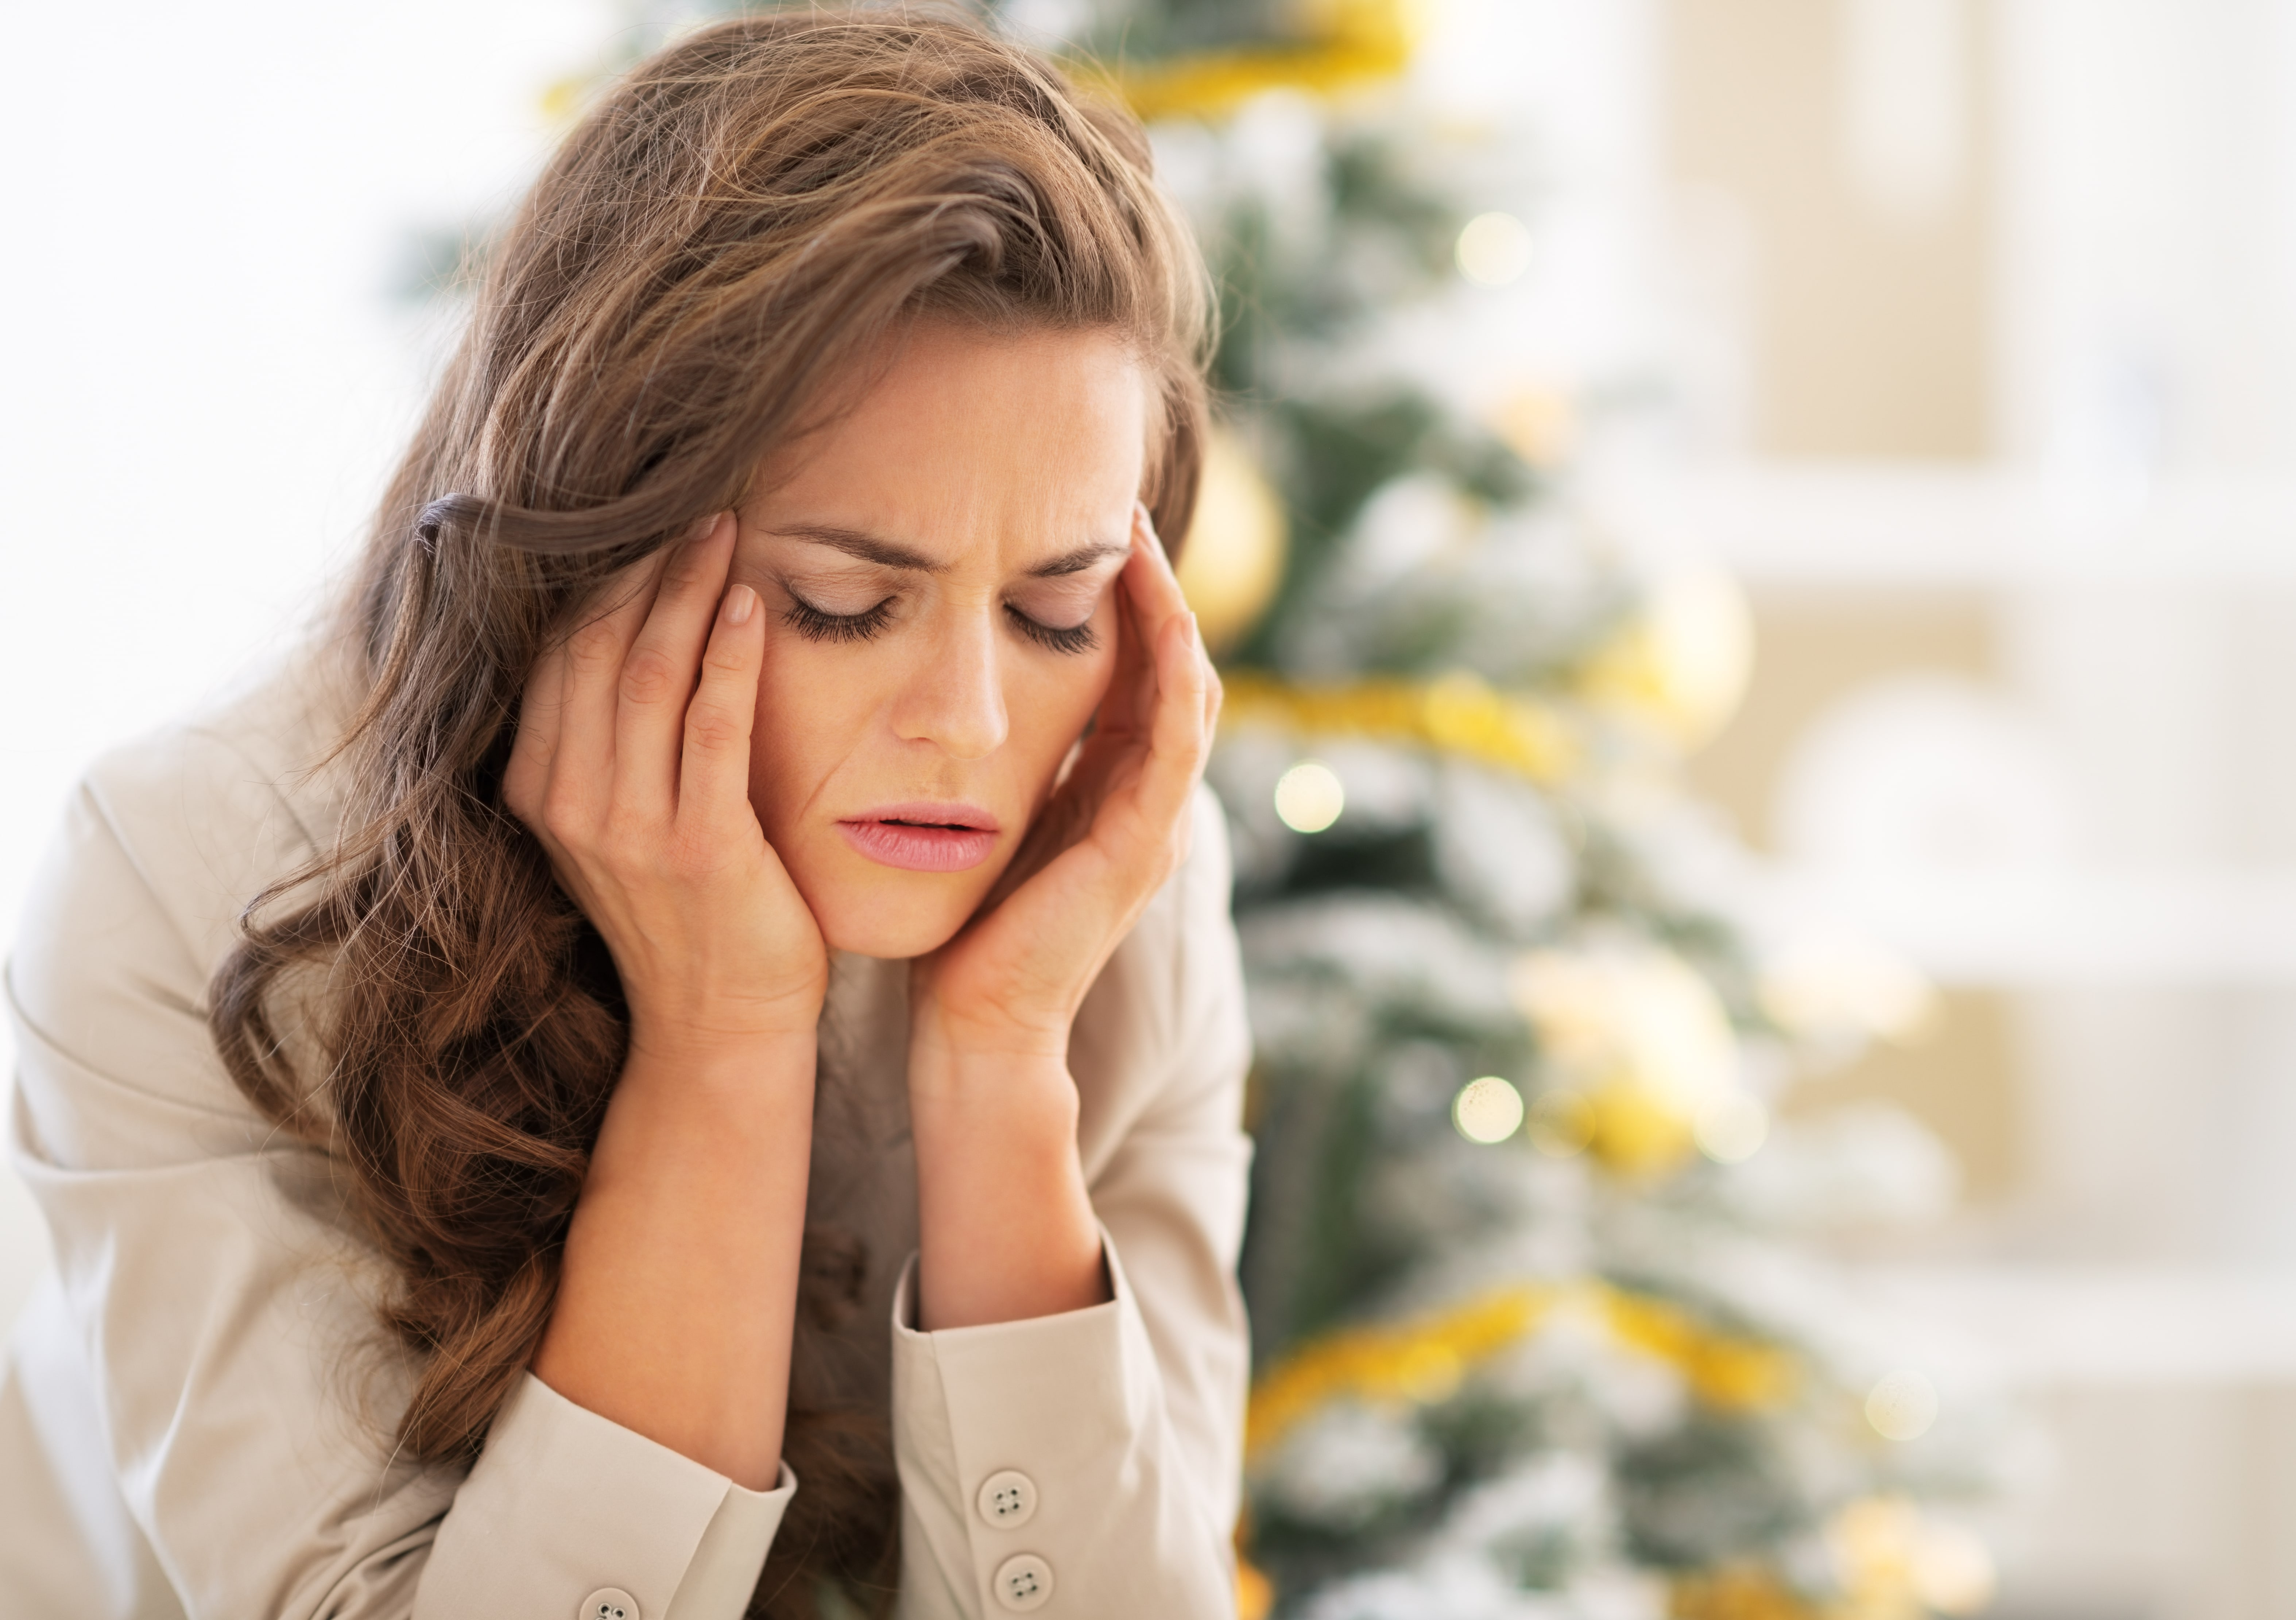 Hormonal Imbalance, Hormonal Imbalance in women, Hormonal Imbalance in women